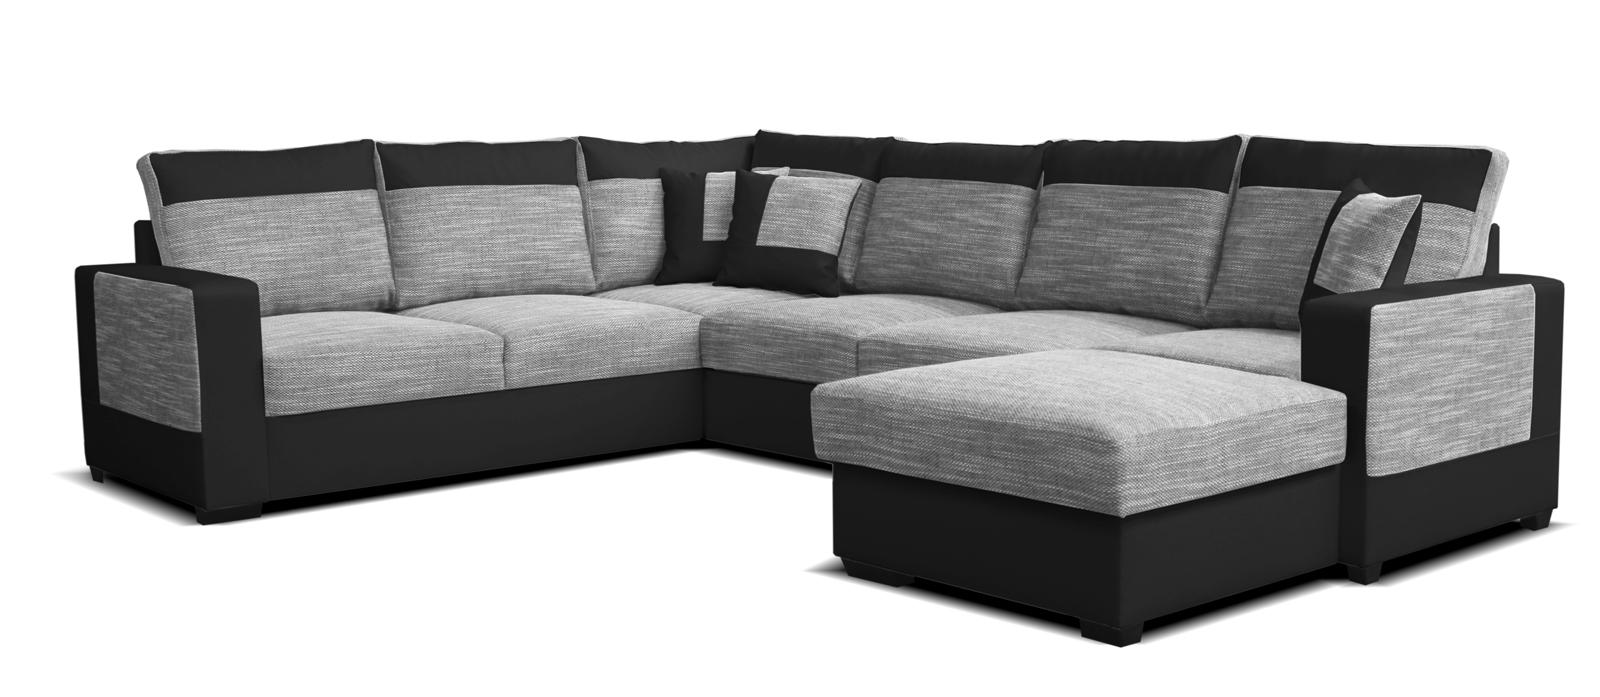 Rohová sedací souprava U - Po-Sed - Mega 2+A+2F+L (šedá + černá) (P)